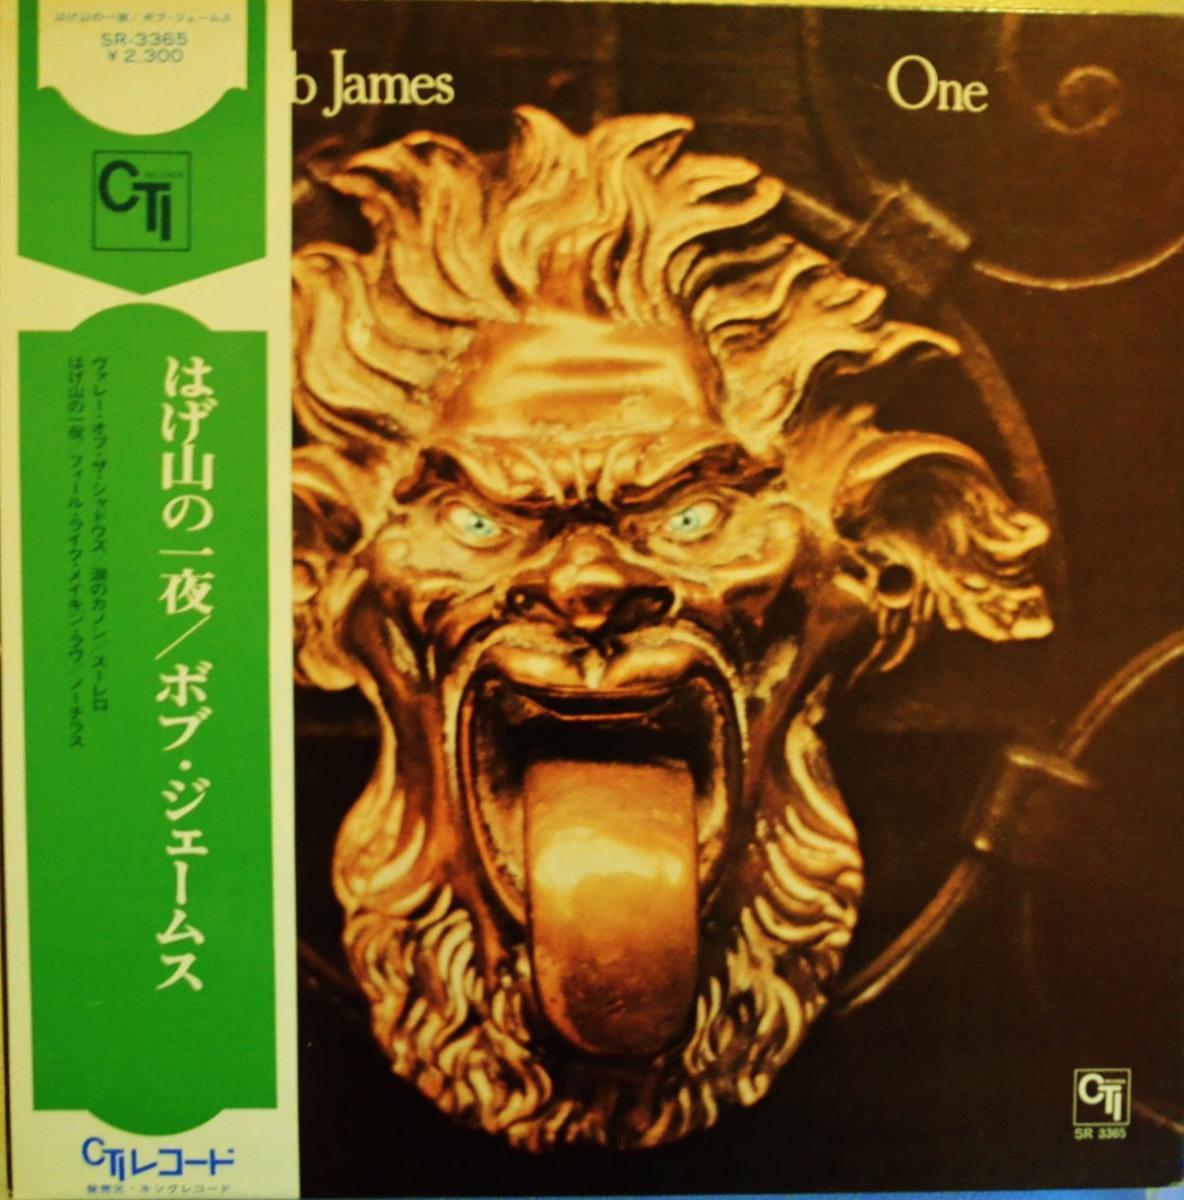 ボブ・ジェームス BOB JAMES / はげ山の一夜 ONE (LP)